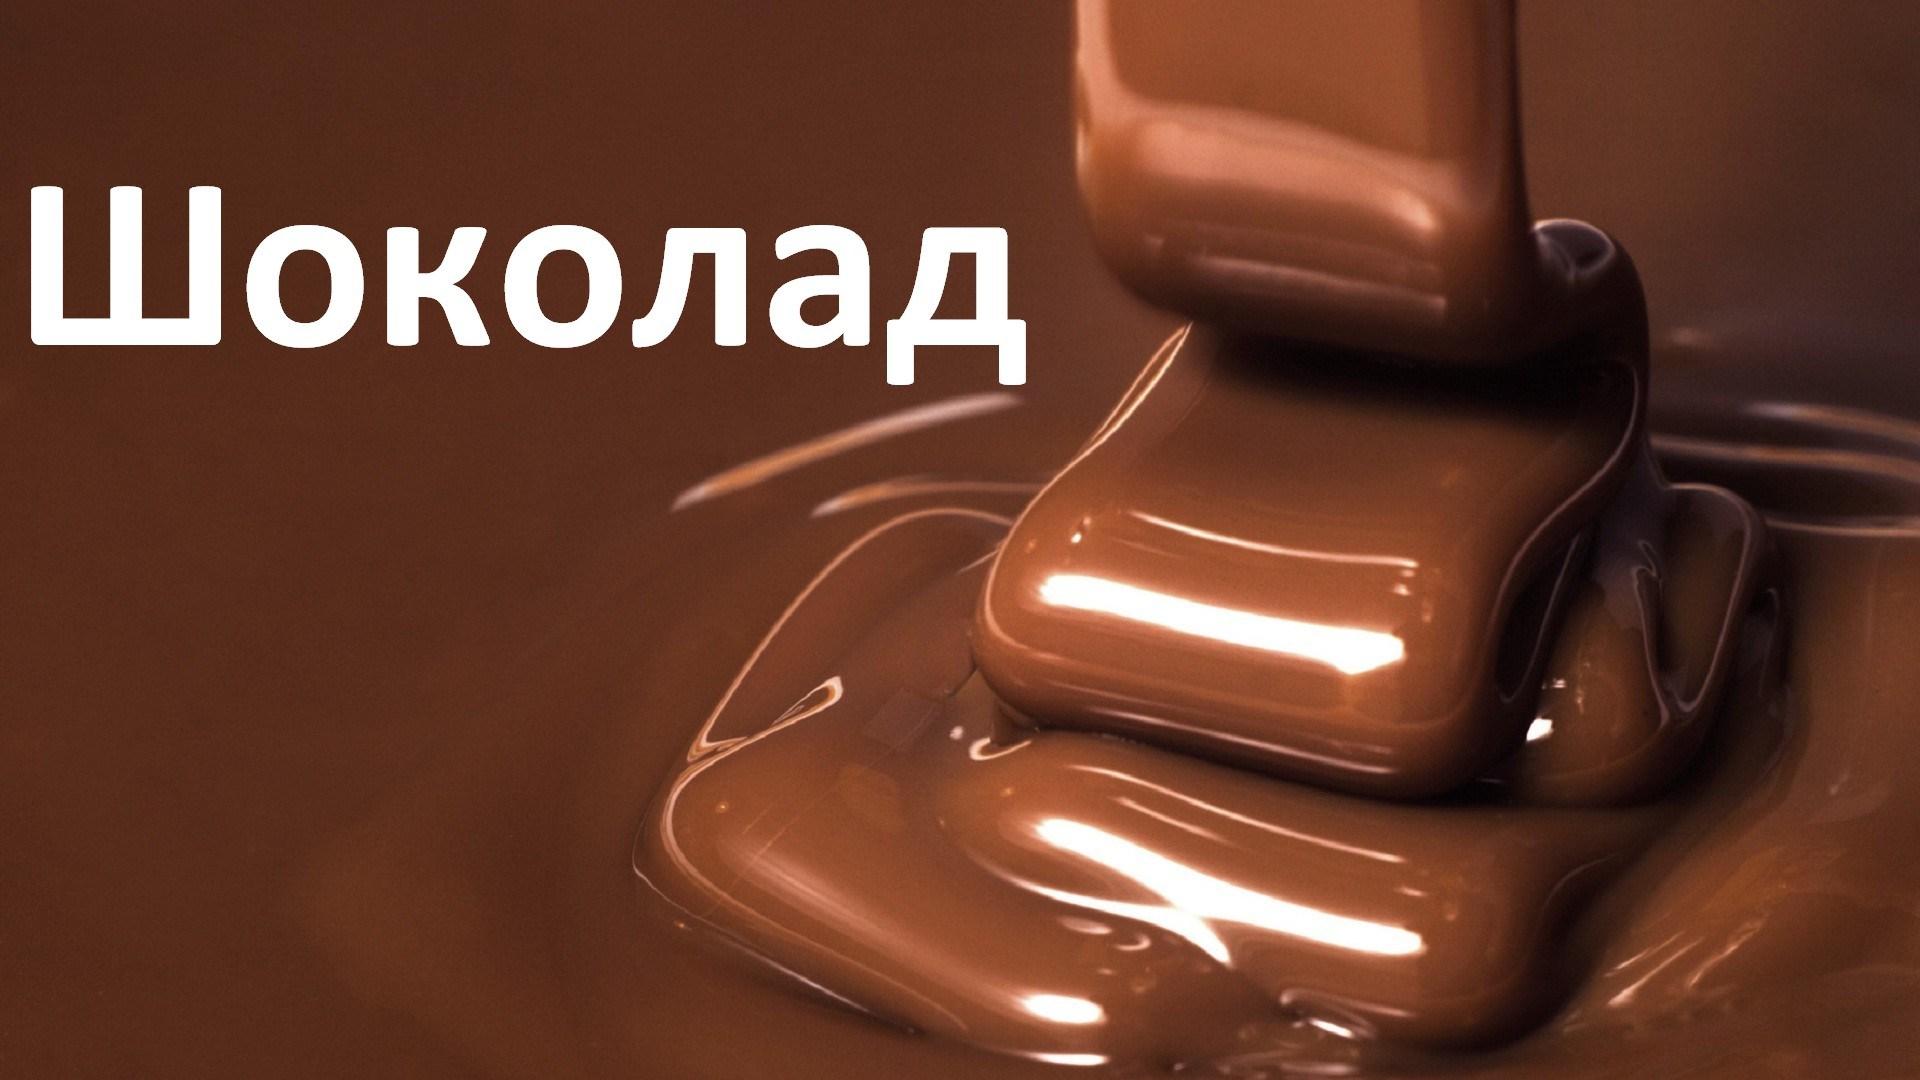 Фильм, который стоит посмотреть: «Шоколад»